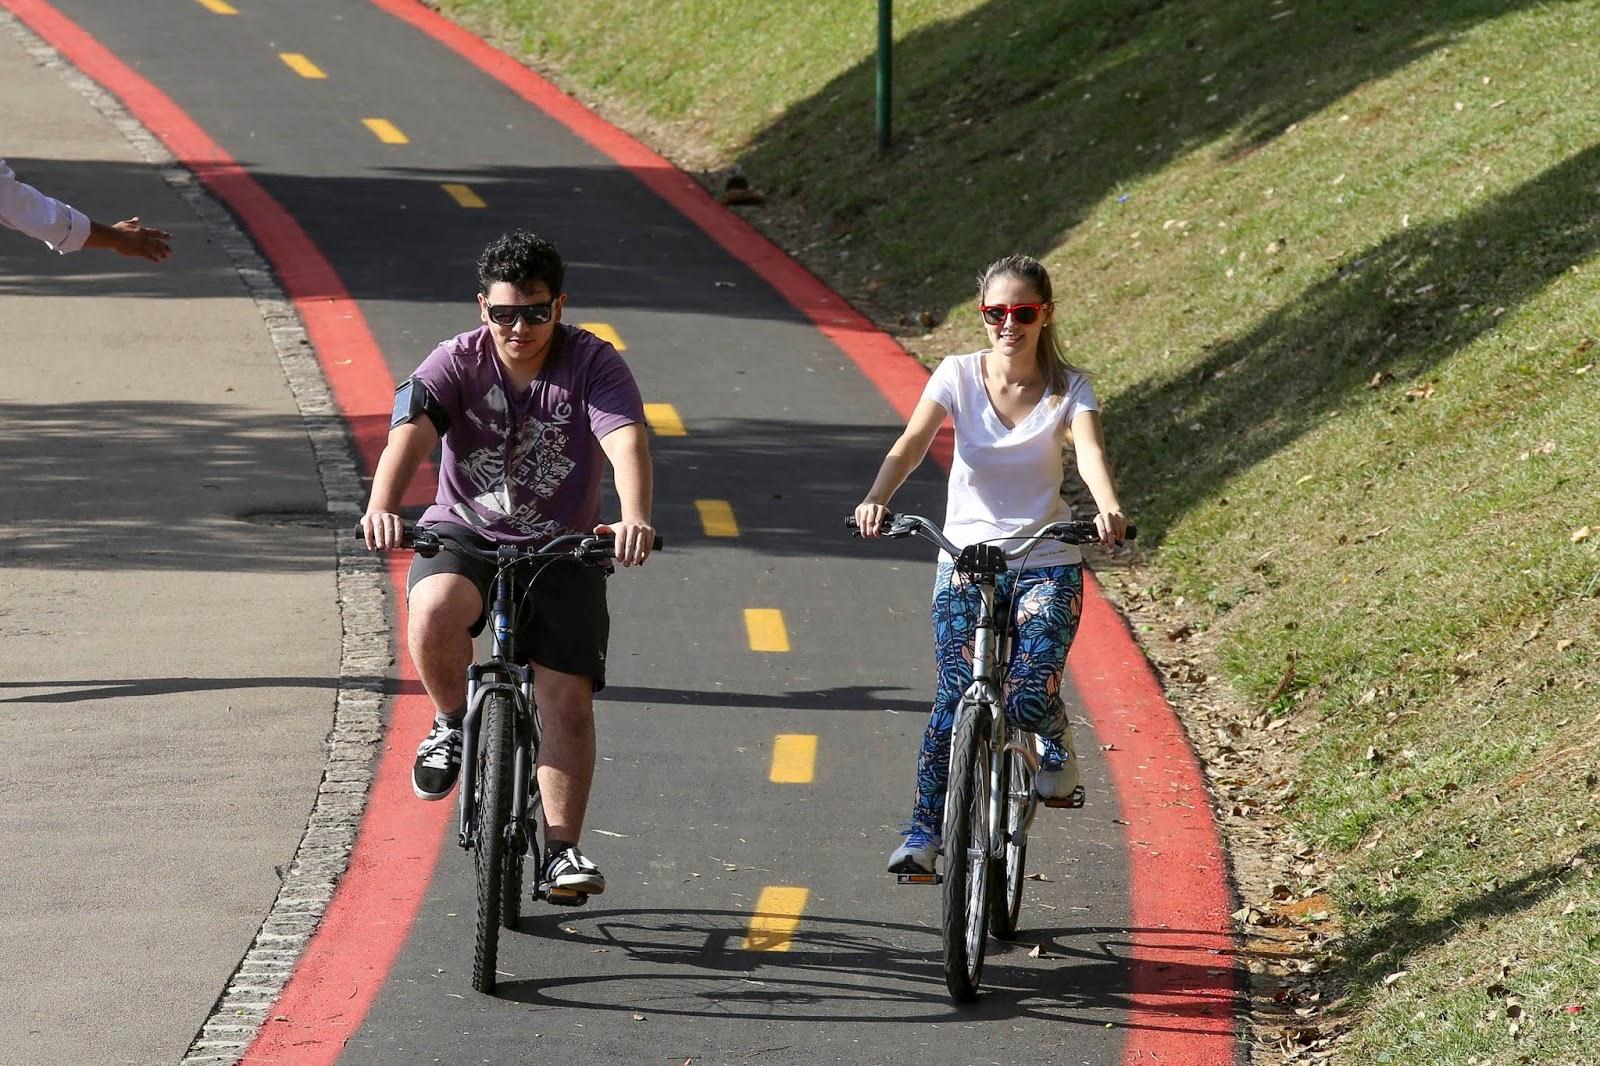 Quatro roteiros para turistas conhecerem Curitiba em bicicleta